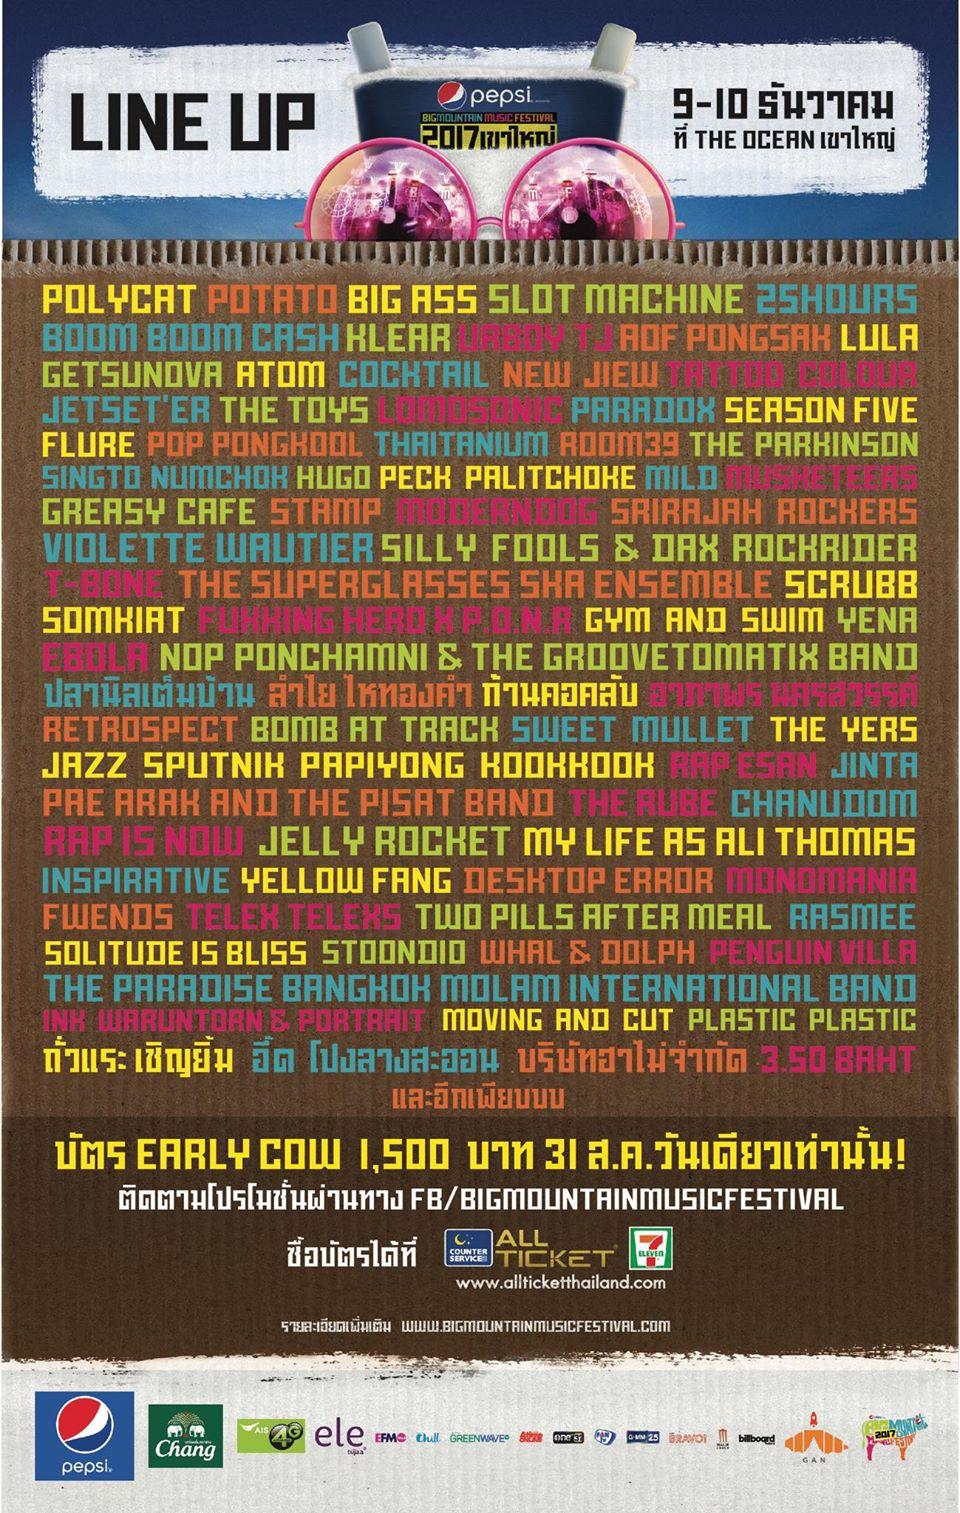 รายชื่อศิลปินในงานคอนเสิร์ตบิ๊กเมาน์เท่น 2560 (Big Mountain Music Festival : BMMF 2017)